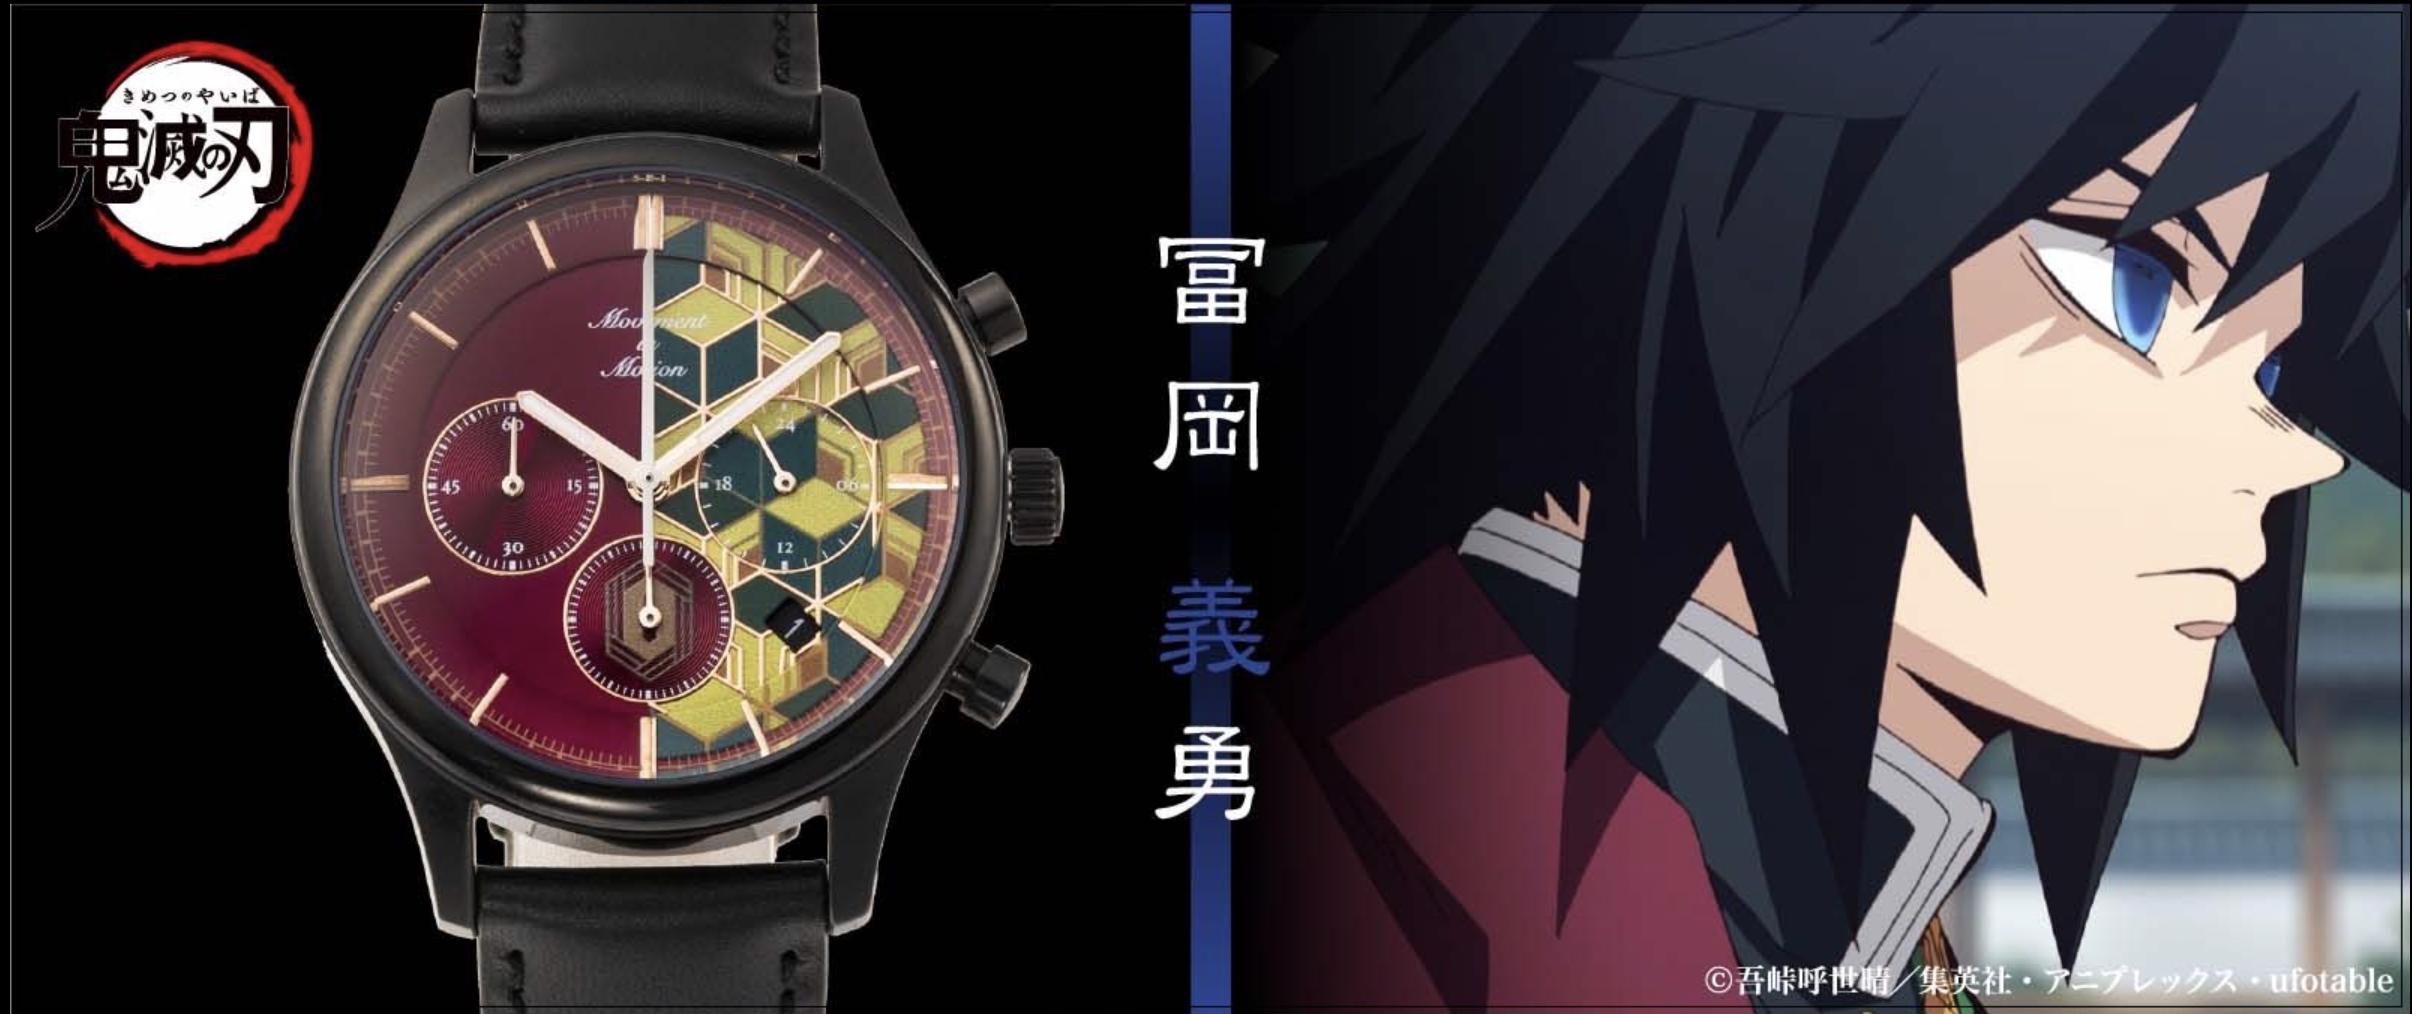 Giyu watch